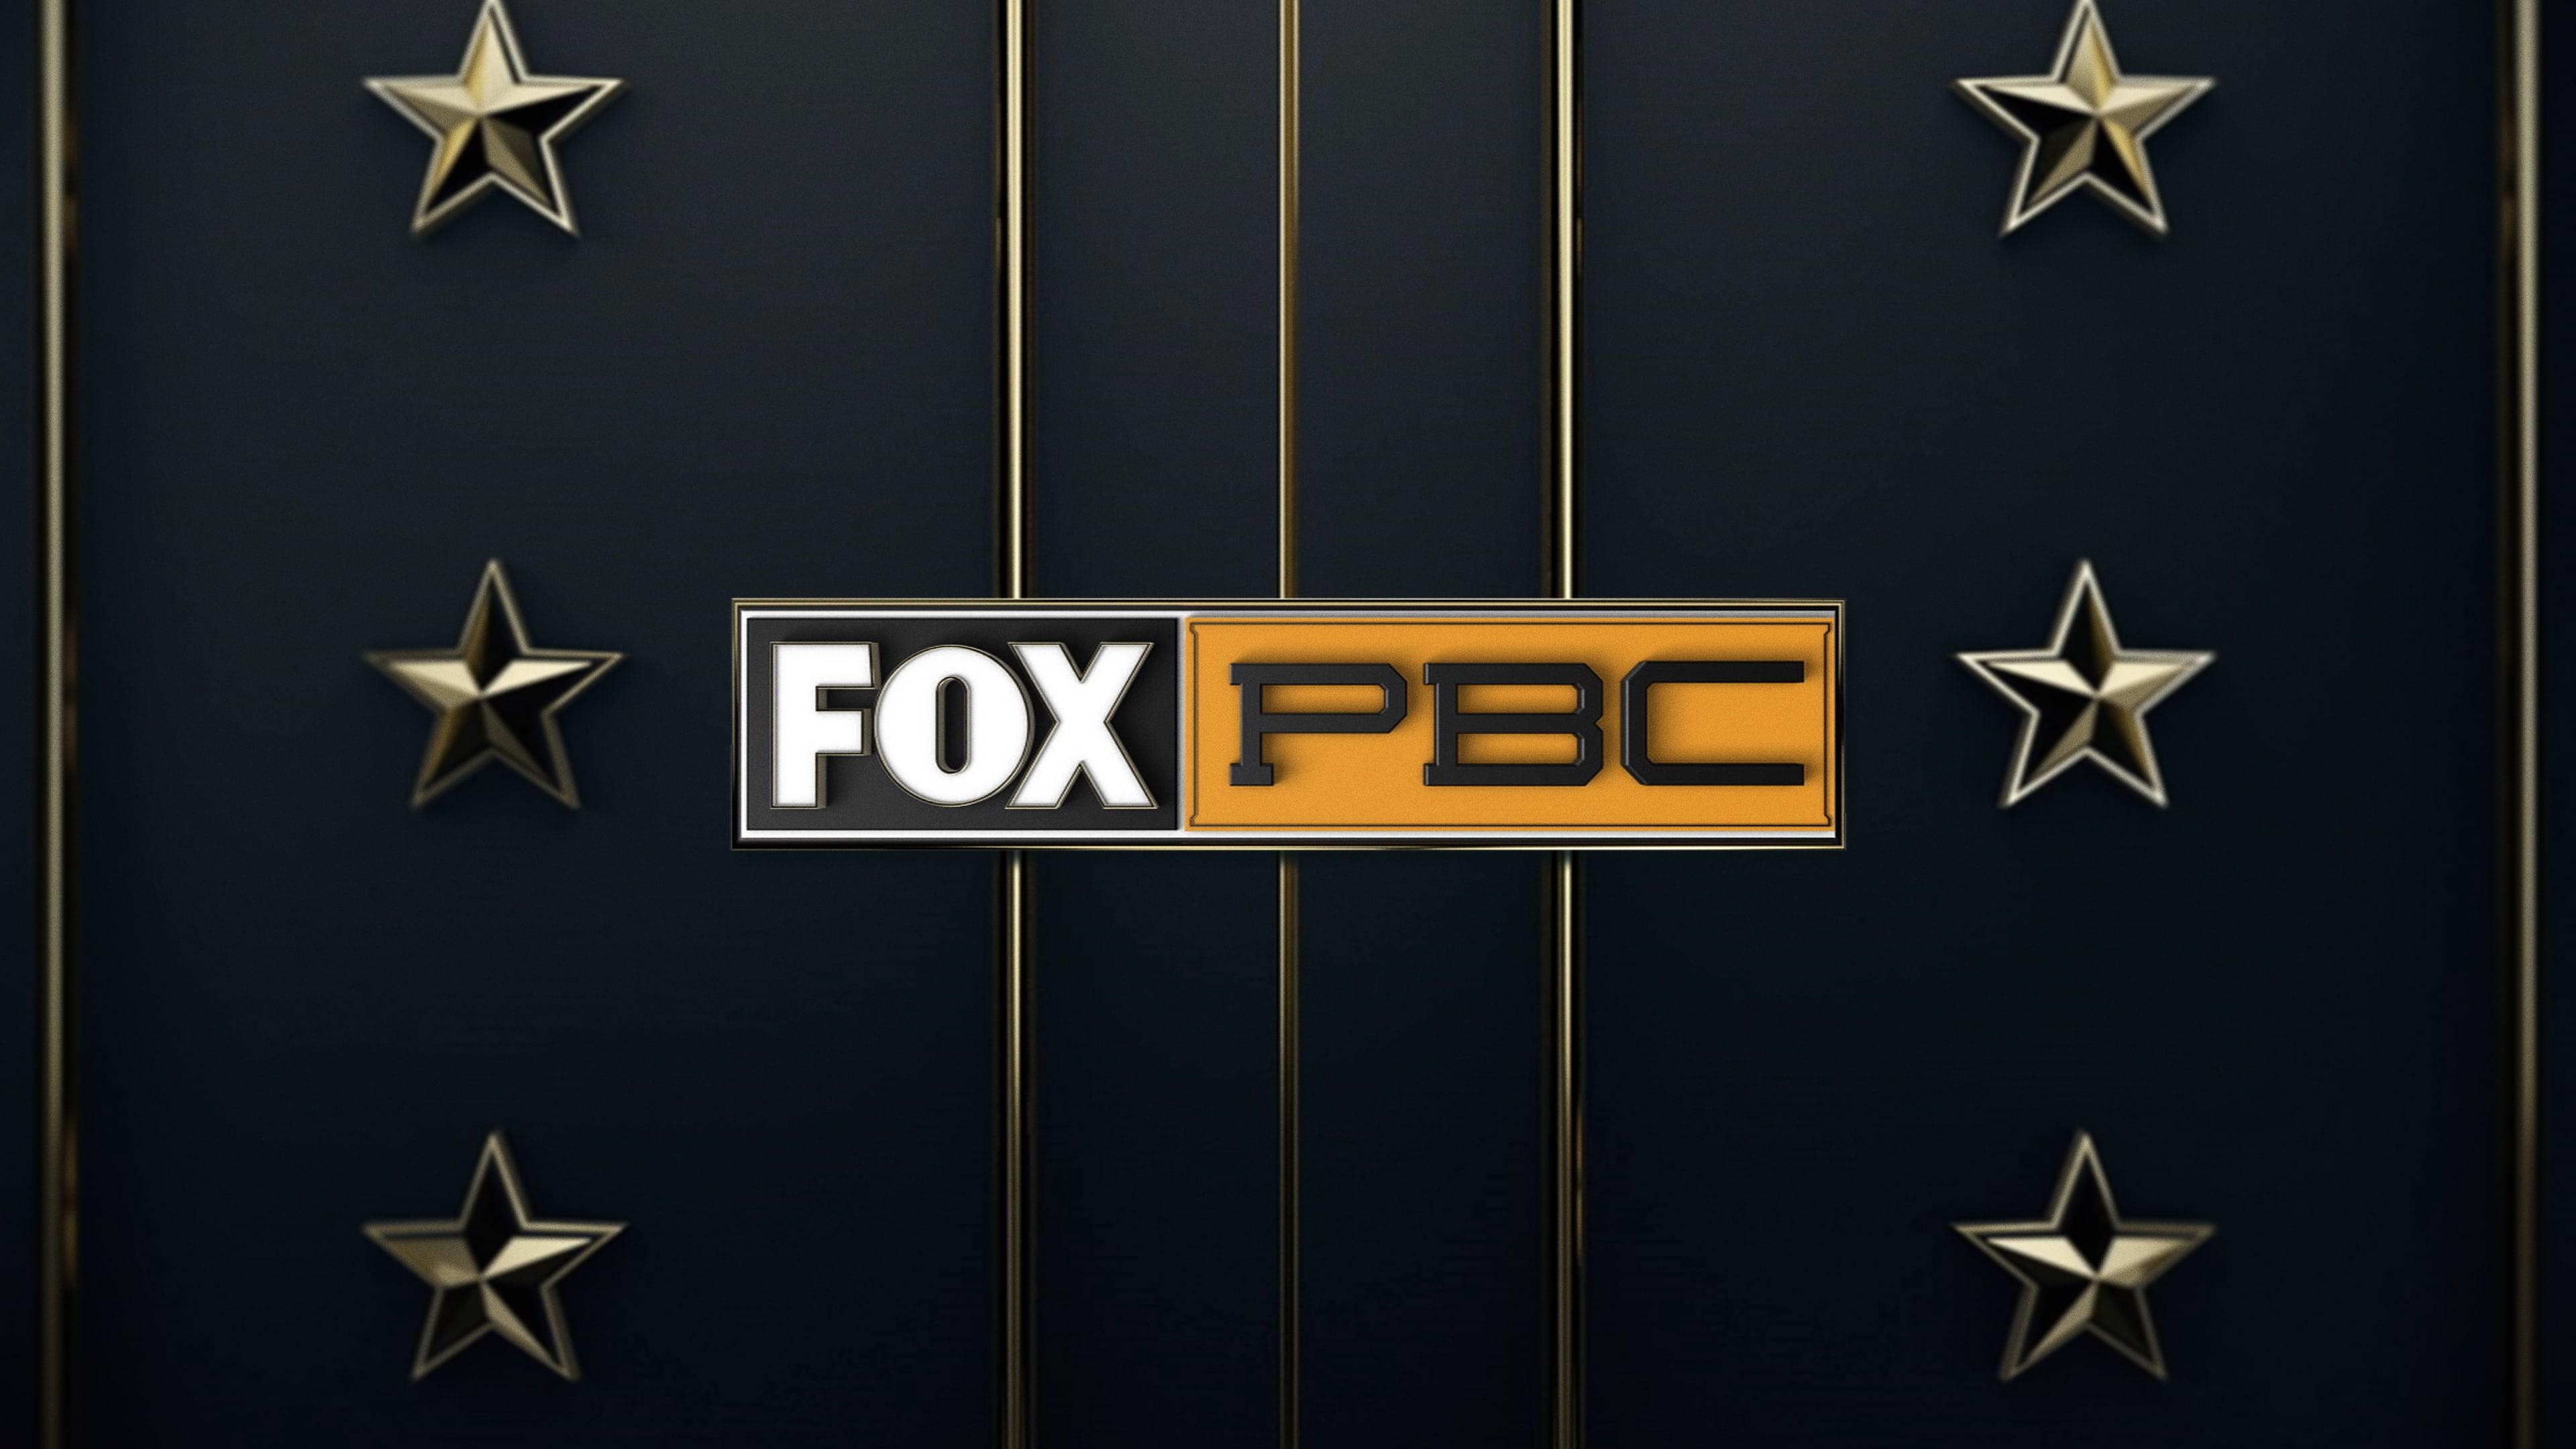 PBC Image